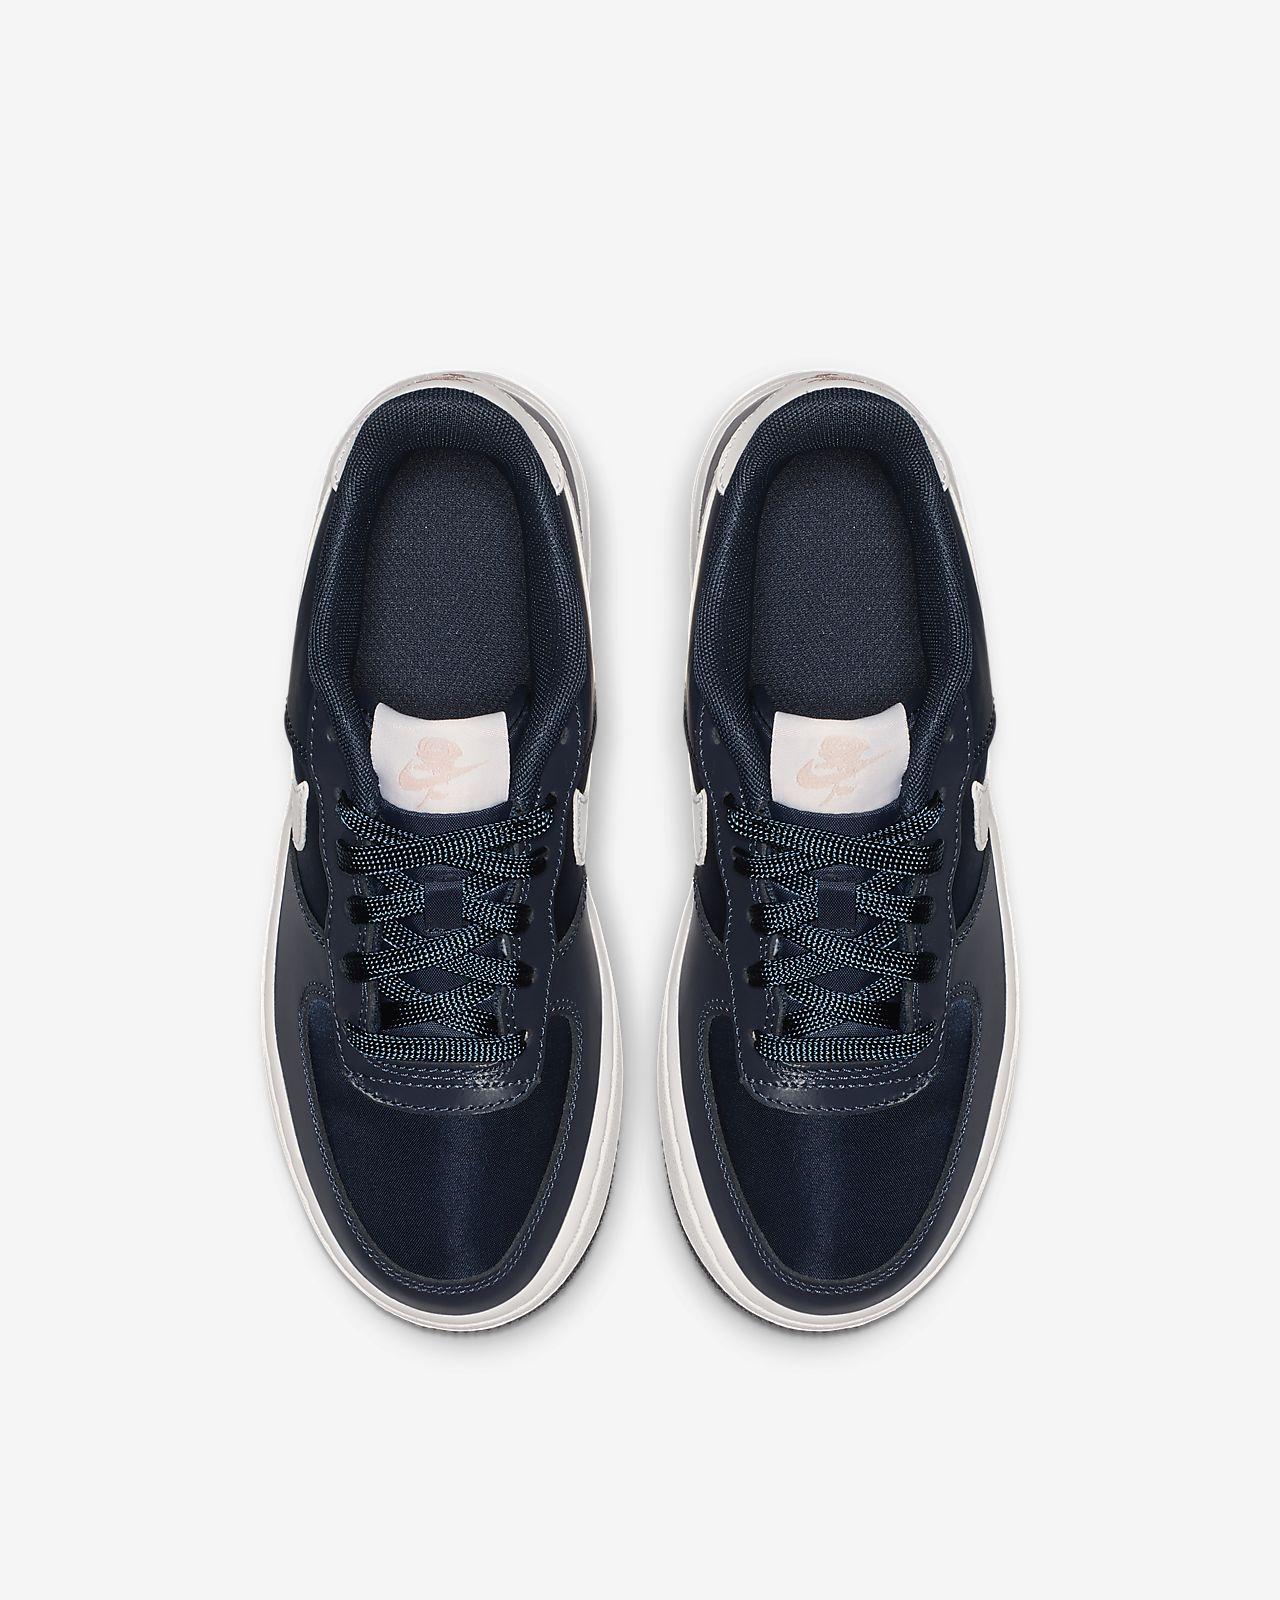 free shipping 27c79 af975 ... Nike Air Force 1 VDAY Older Kids  Shoe